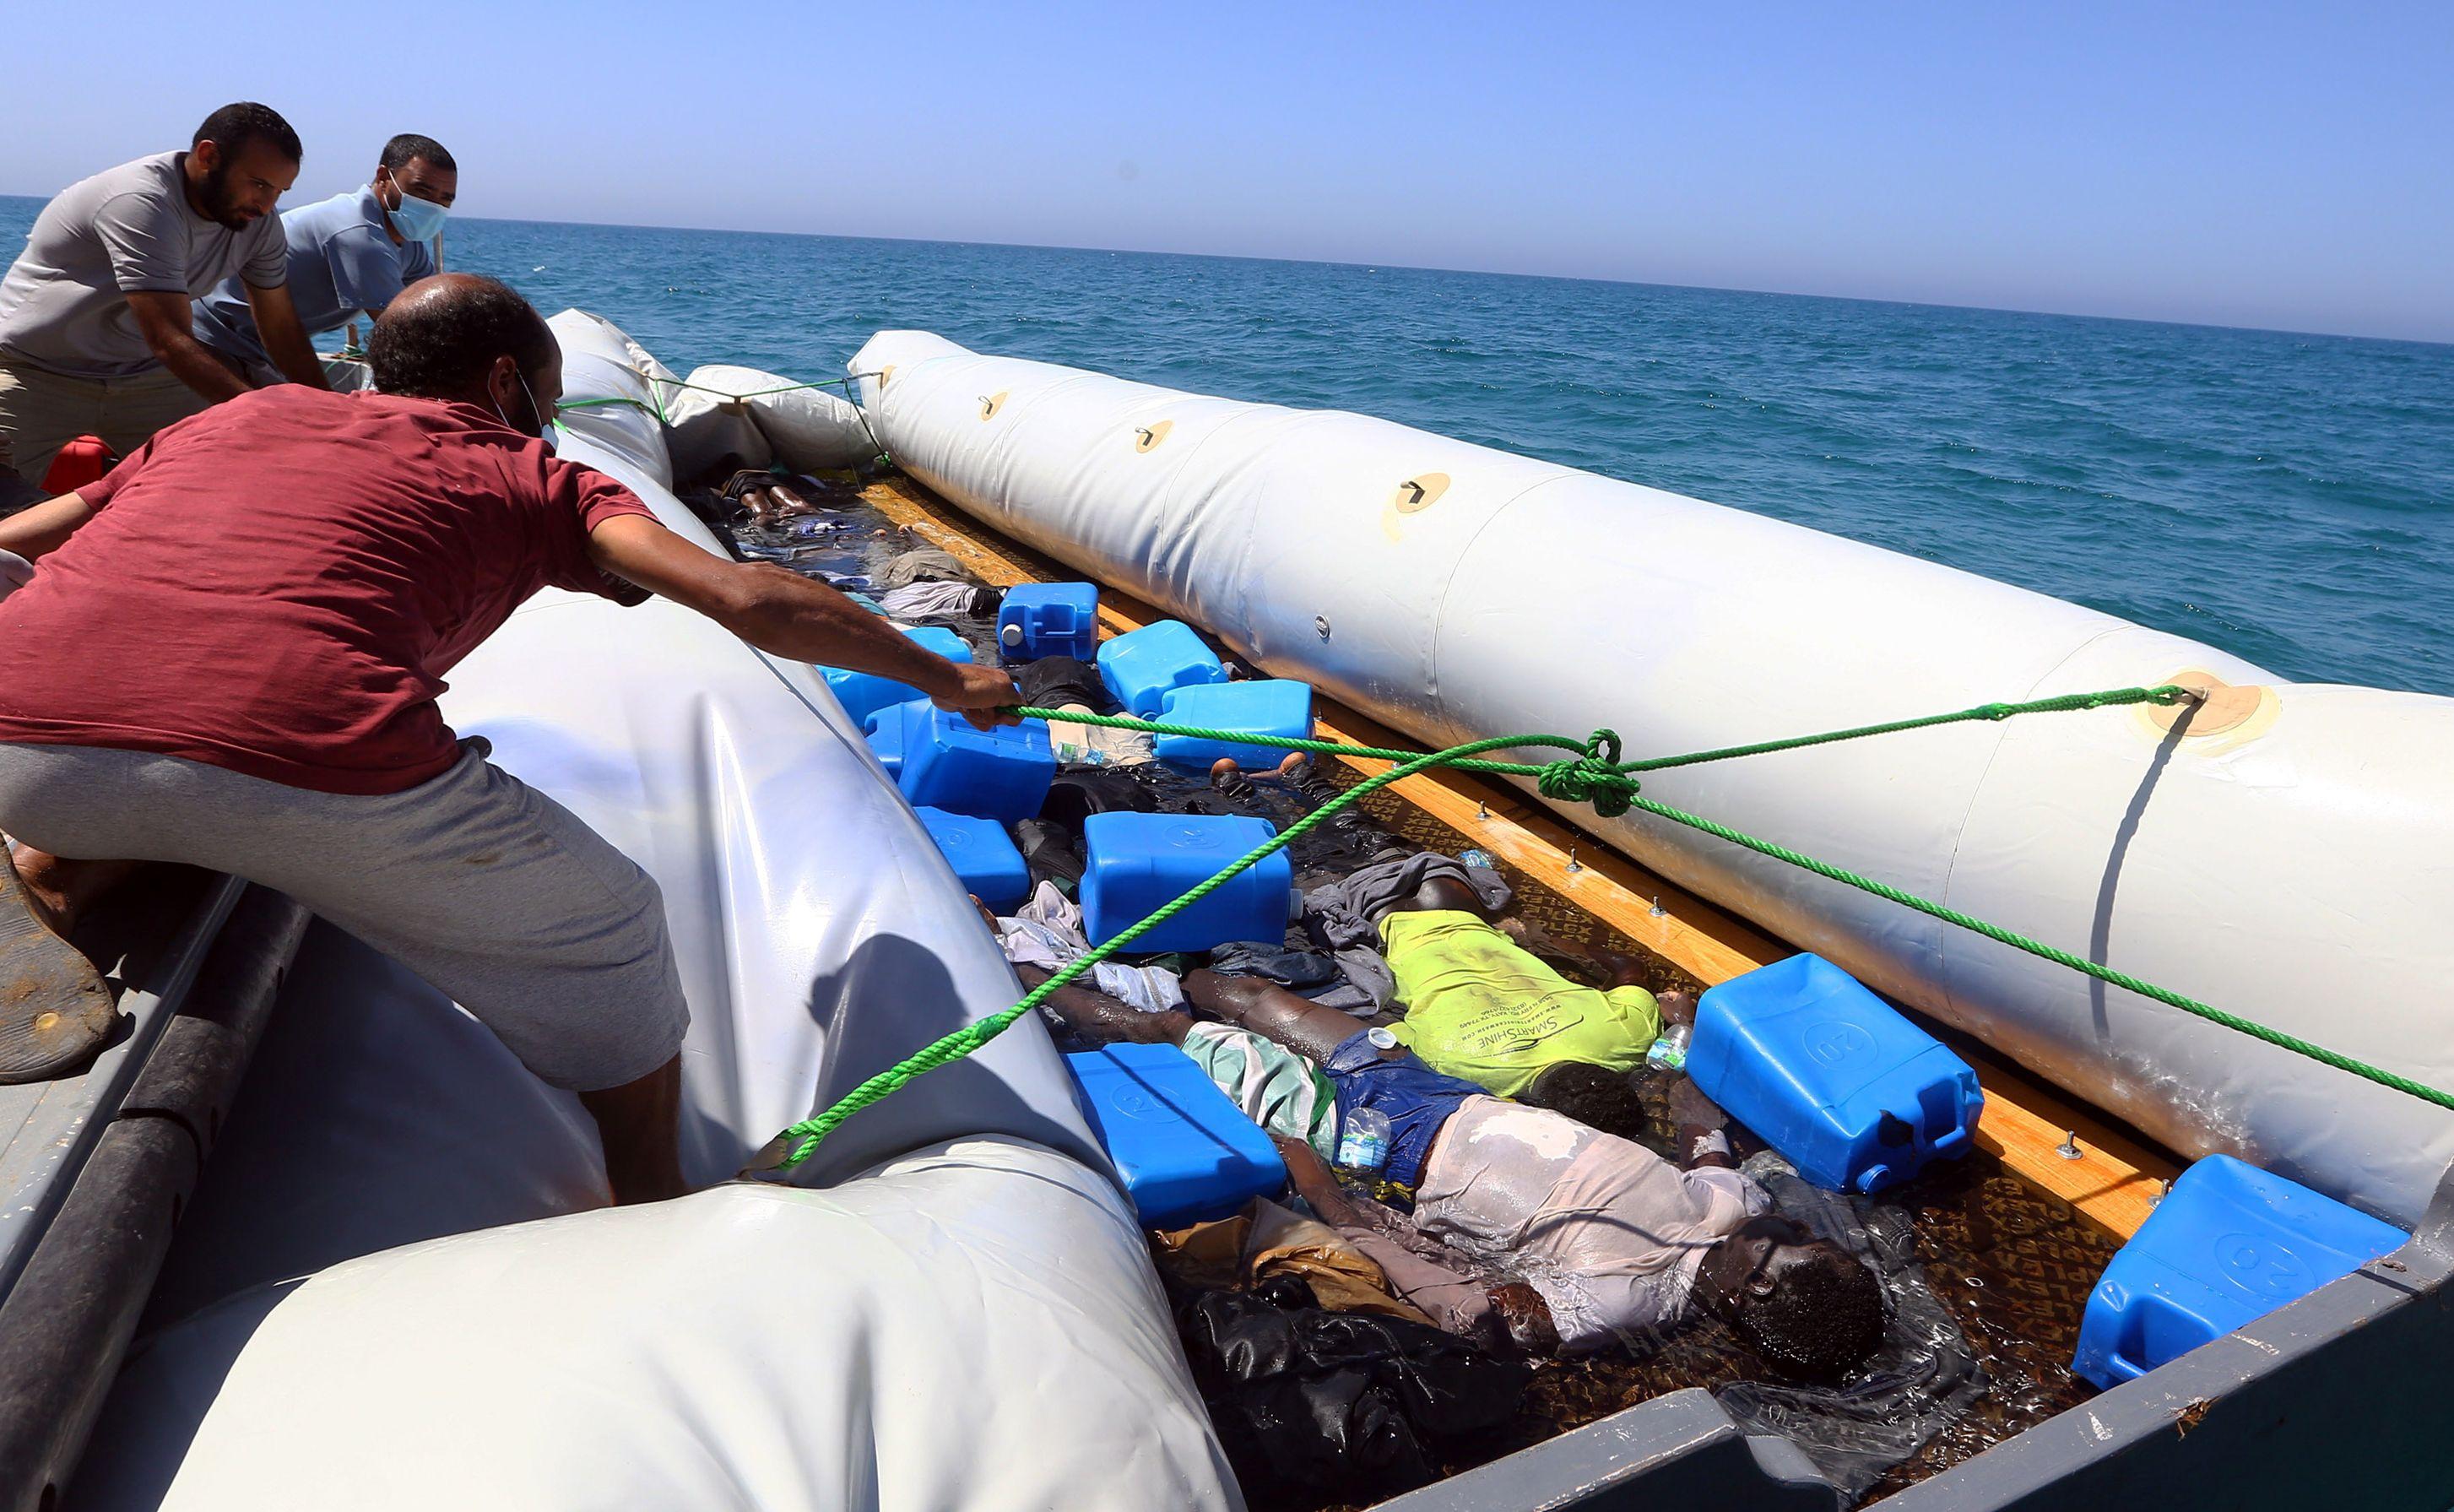 كارثة إنسانية حديثة على سواحل طرابلـس